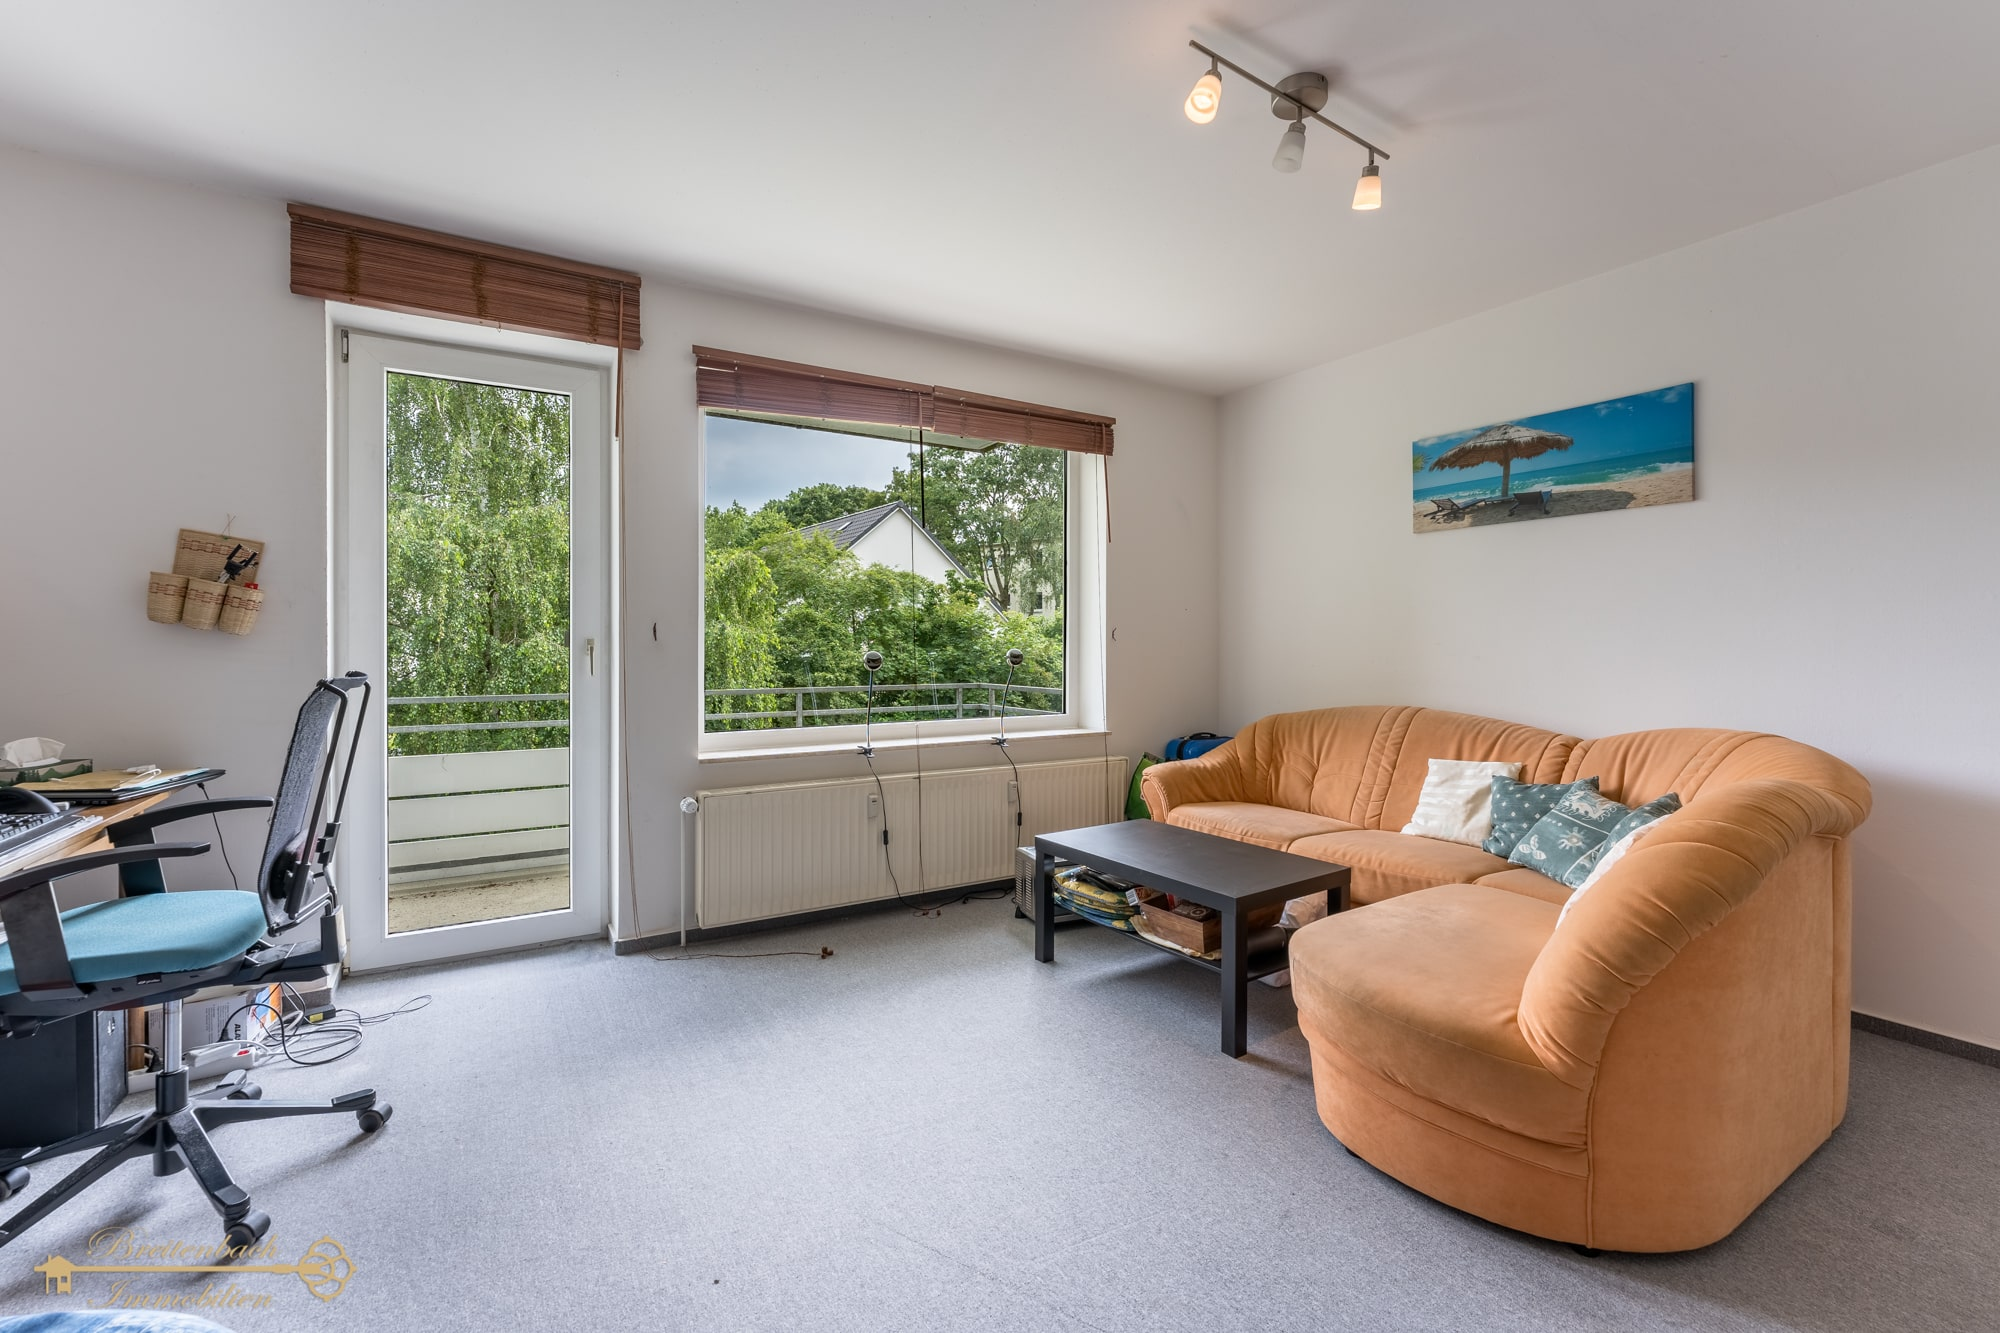 2021-07-10-Breitenbach-Immobilien-Makler-Bremen-4-min